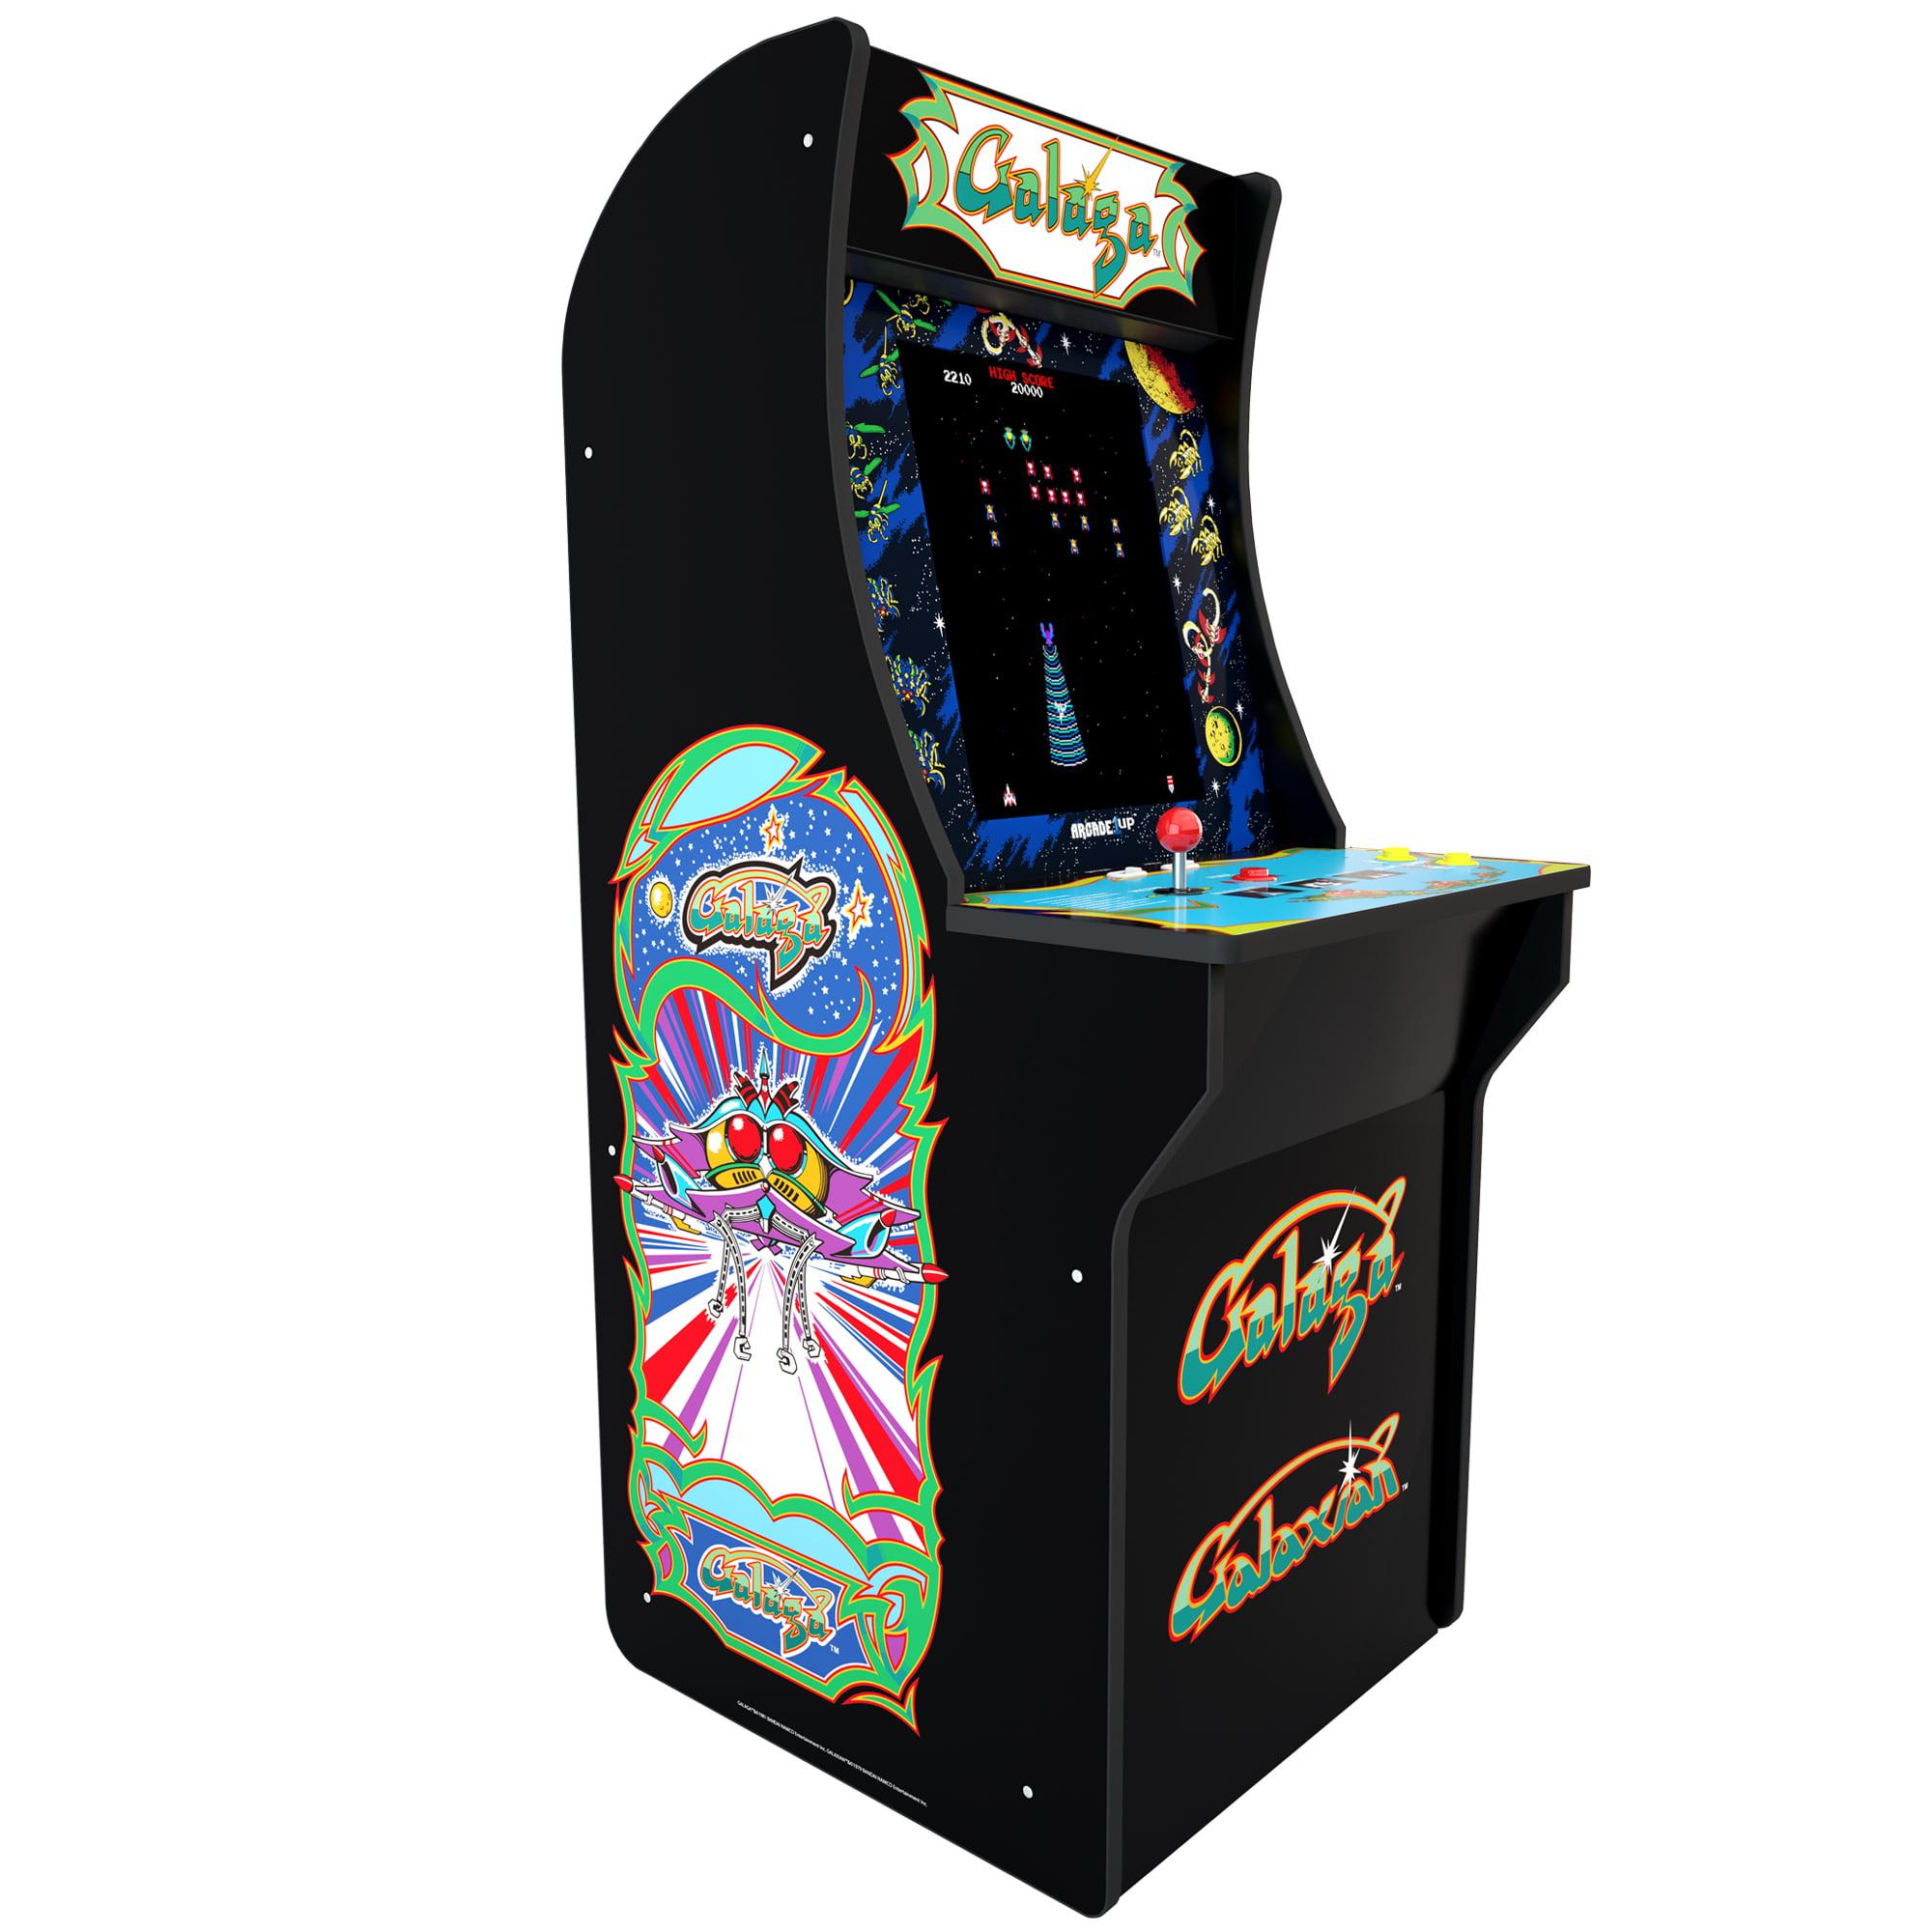 959bb7361c8e Galaga Arcade Machine